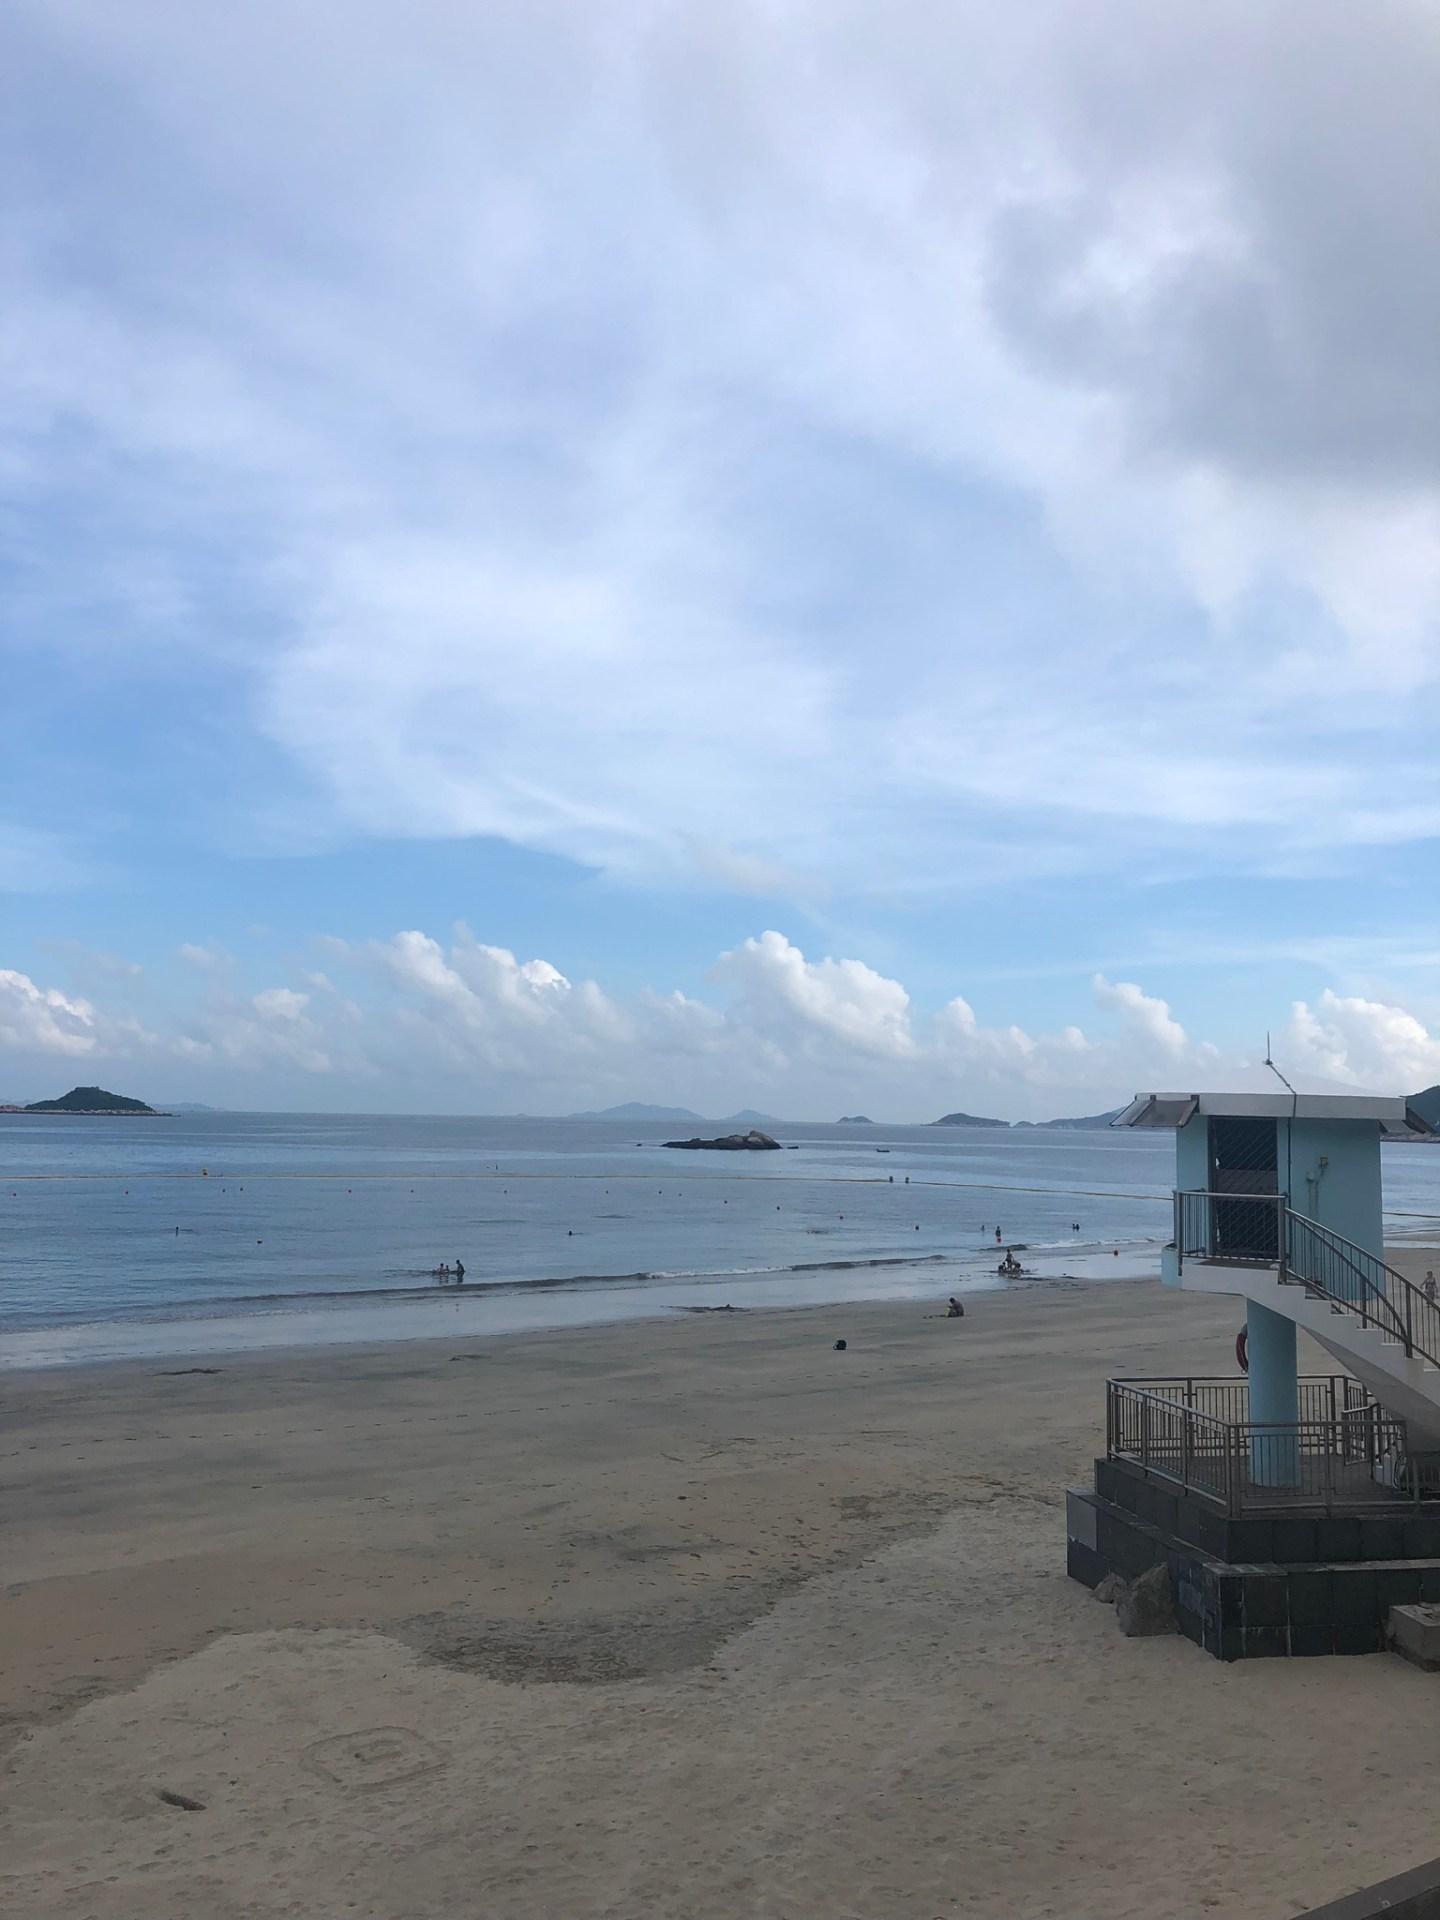 Cheung Sha Beach, Lantau Island